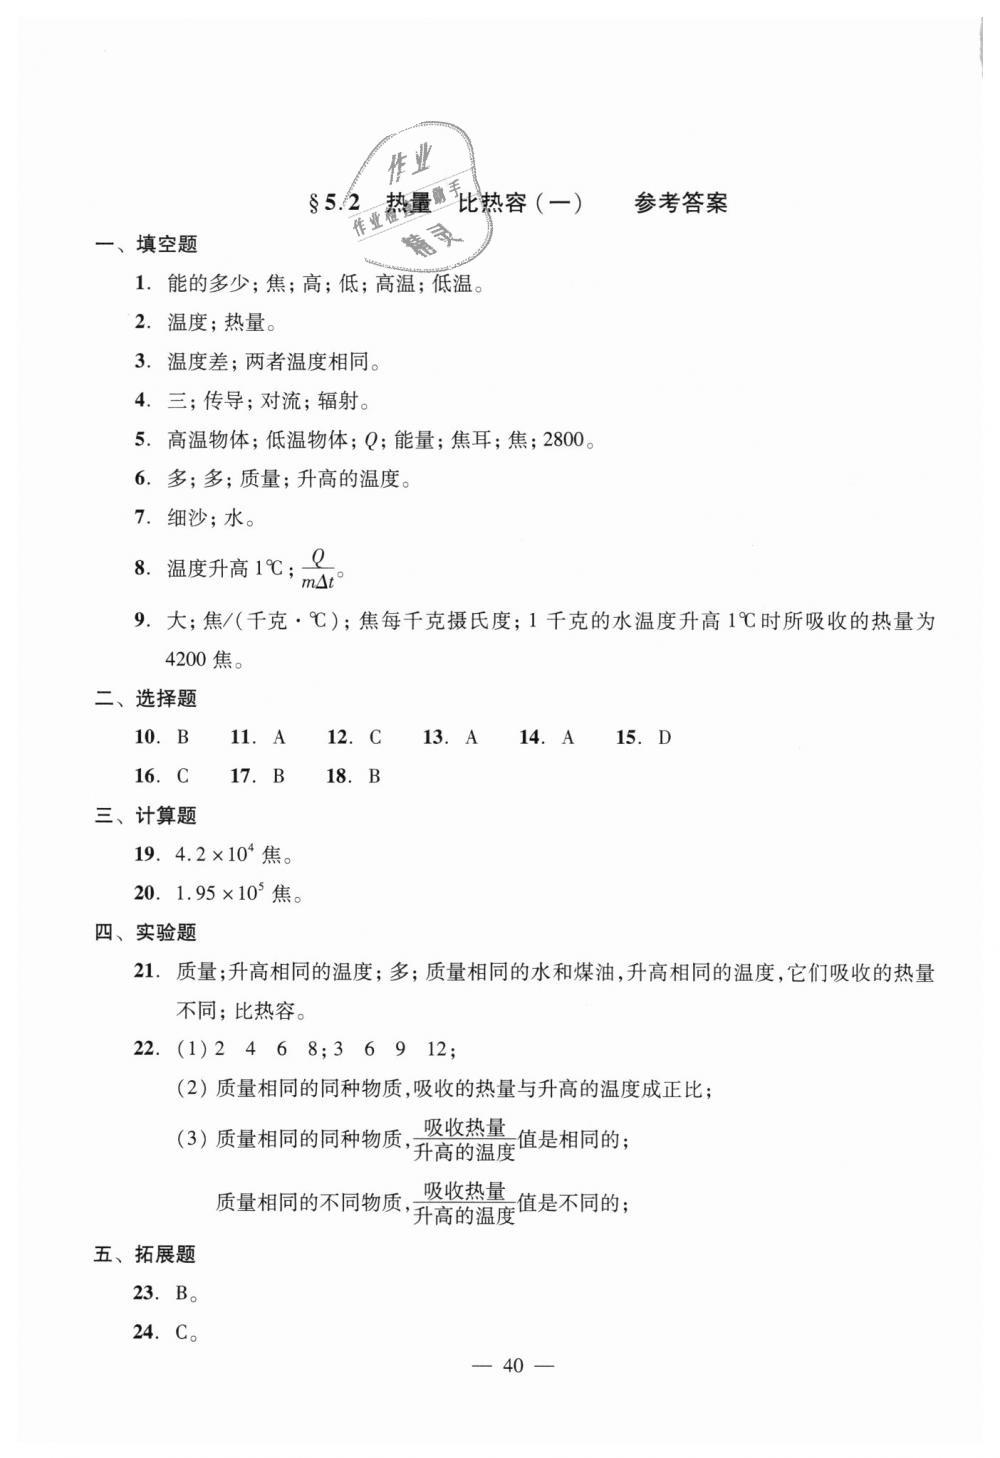 2018年初中物理双基过关堂堂练八年级全一册沪教版第40页